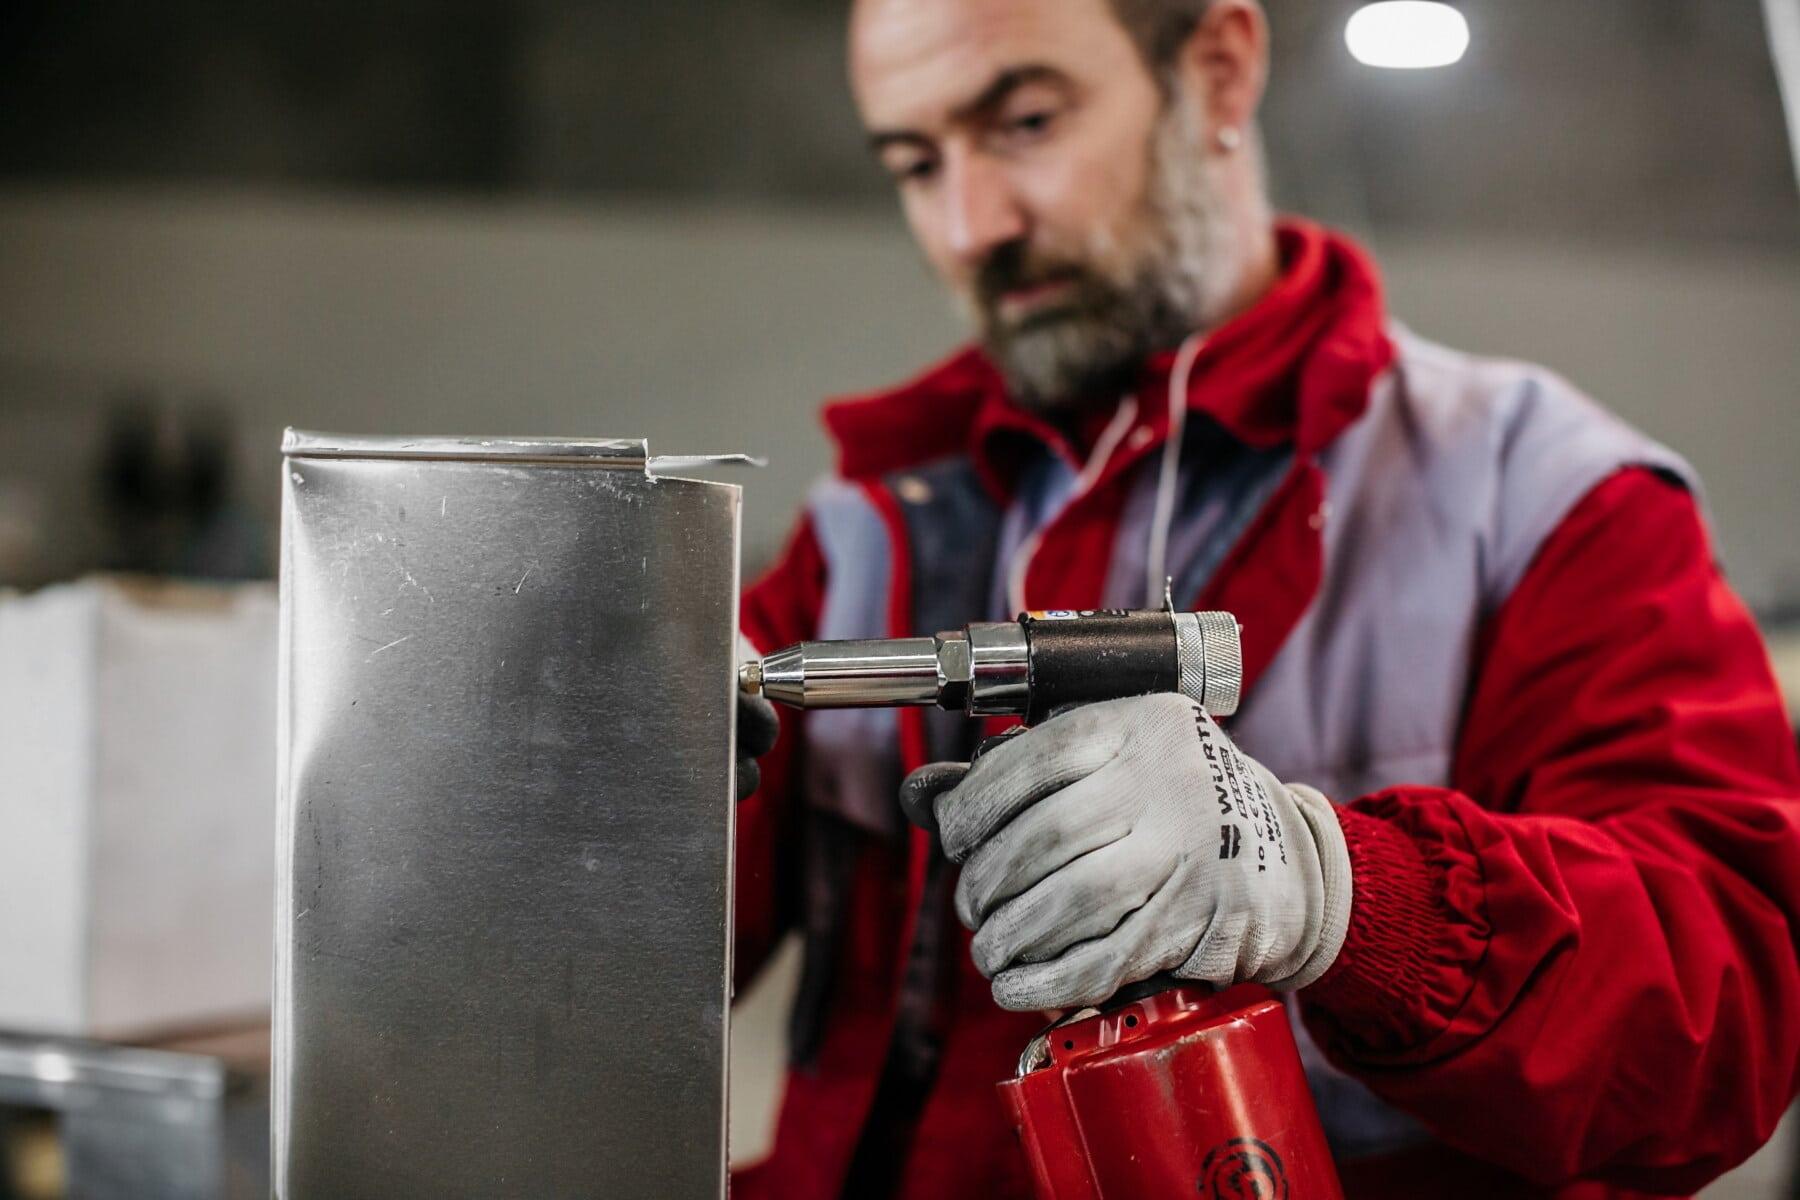 munkás, kézzel készített, iparos, műhely, iparág, mérnöki, rozsdamentes acél, kéziszerszám, rozsdamentes, személy